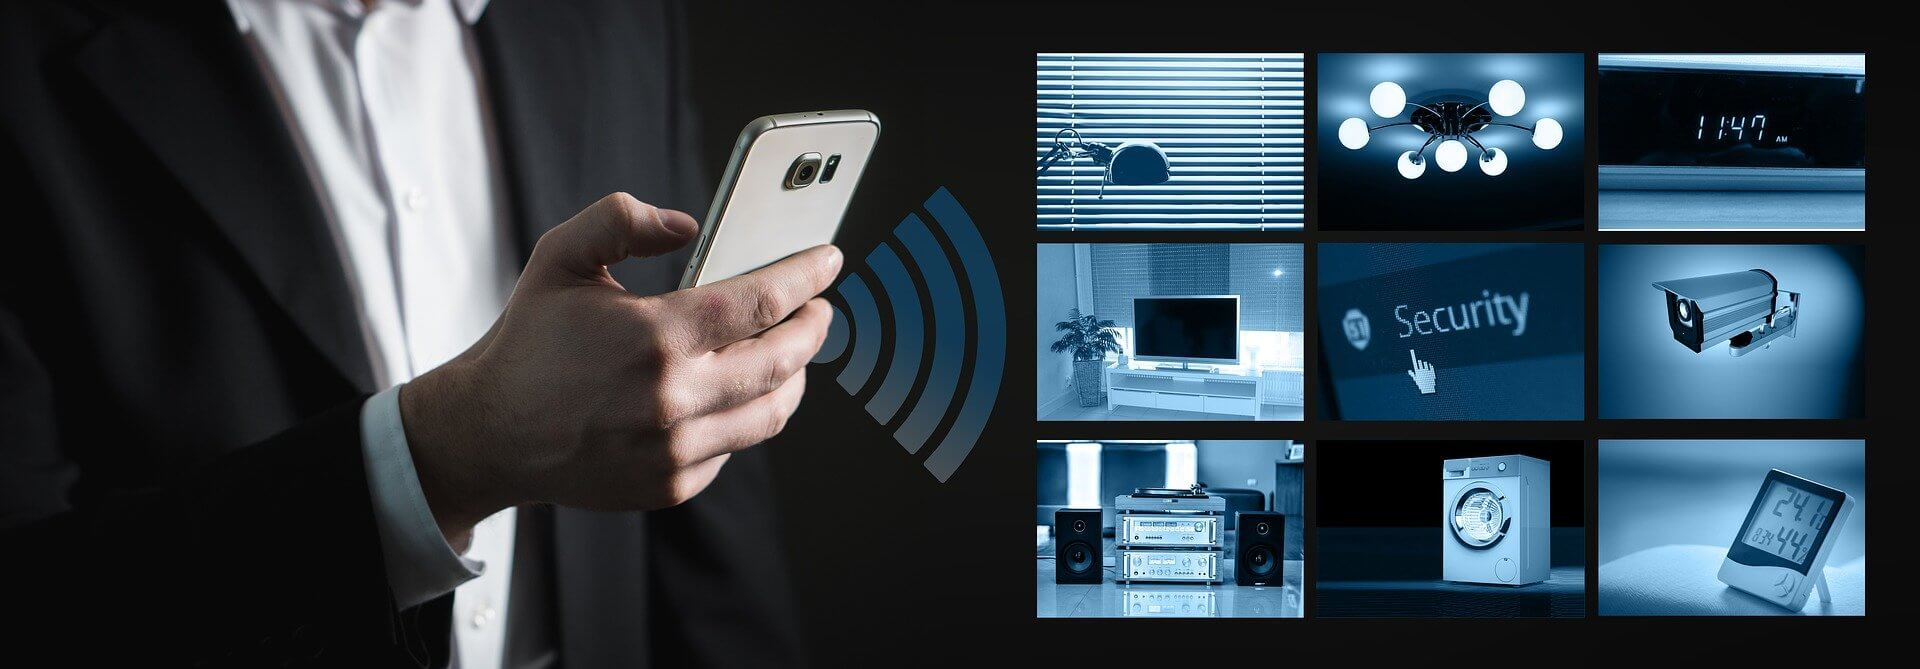 كيفية حماية المنزل الذكي من المخترقين